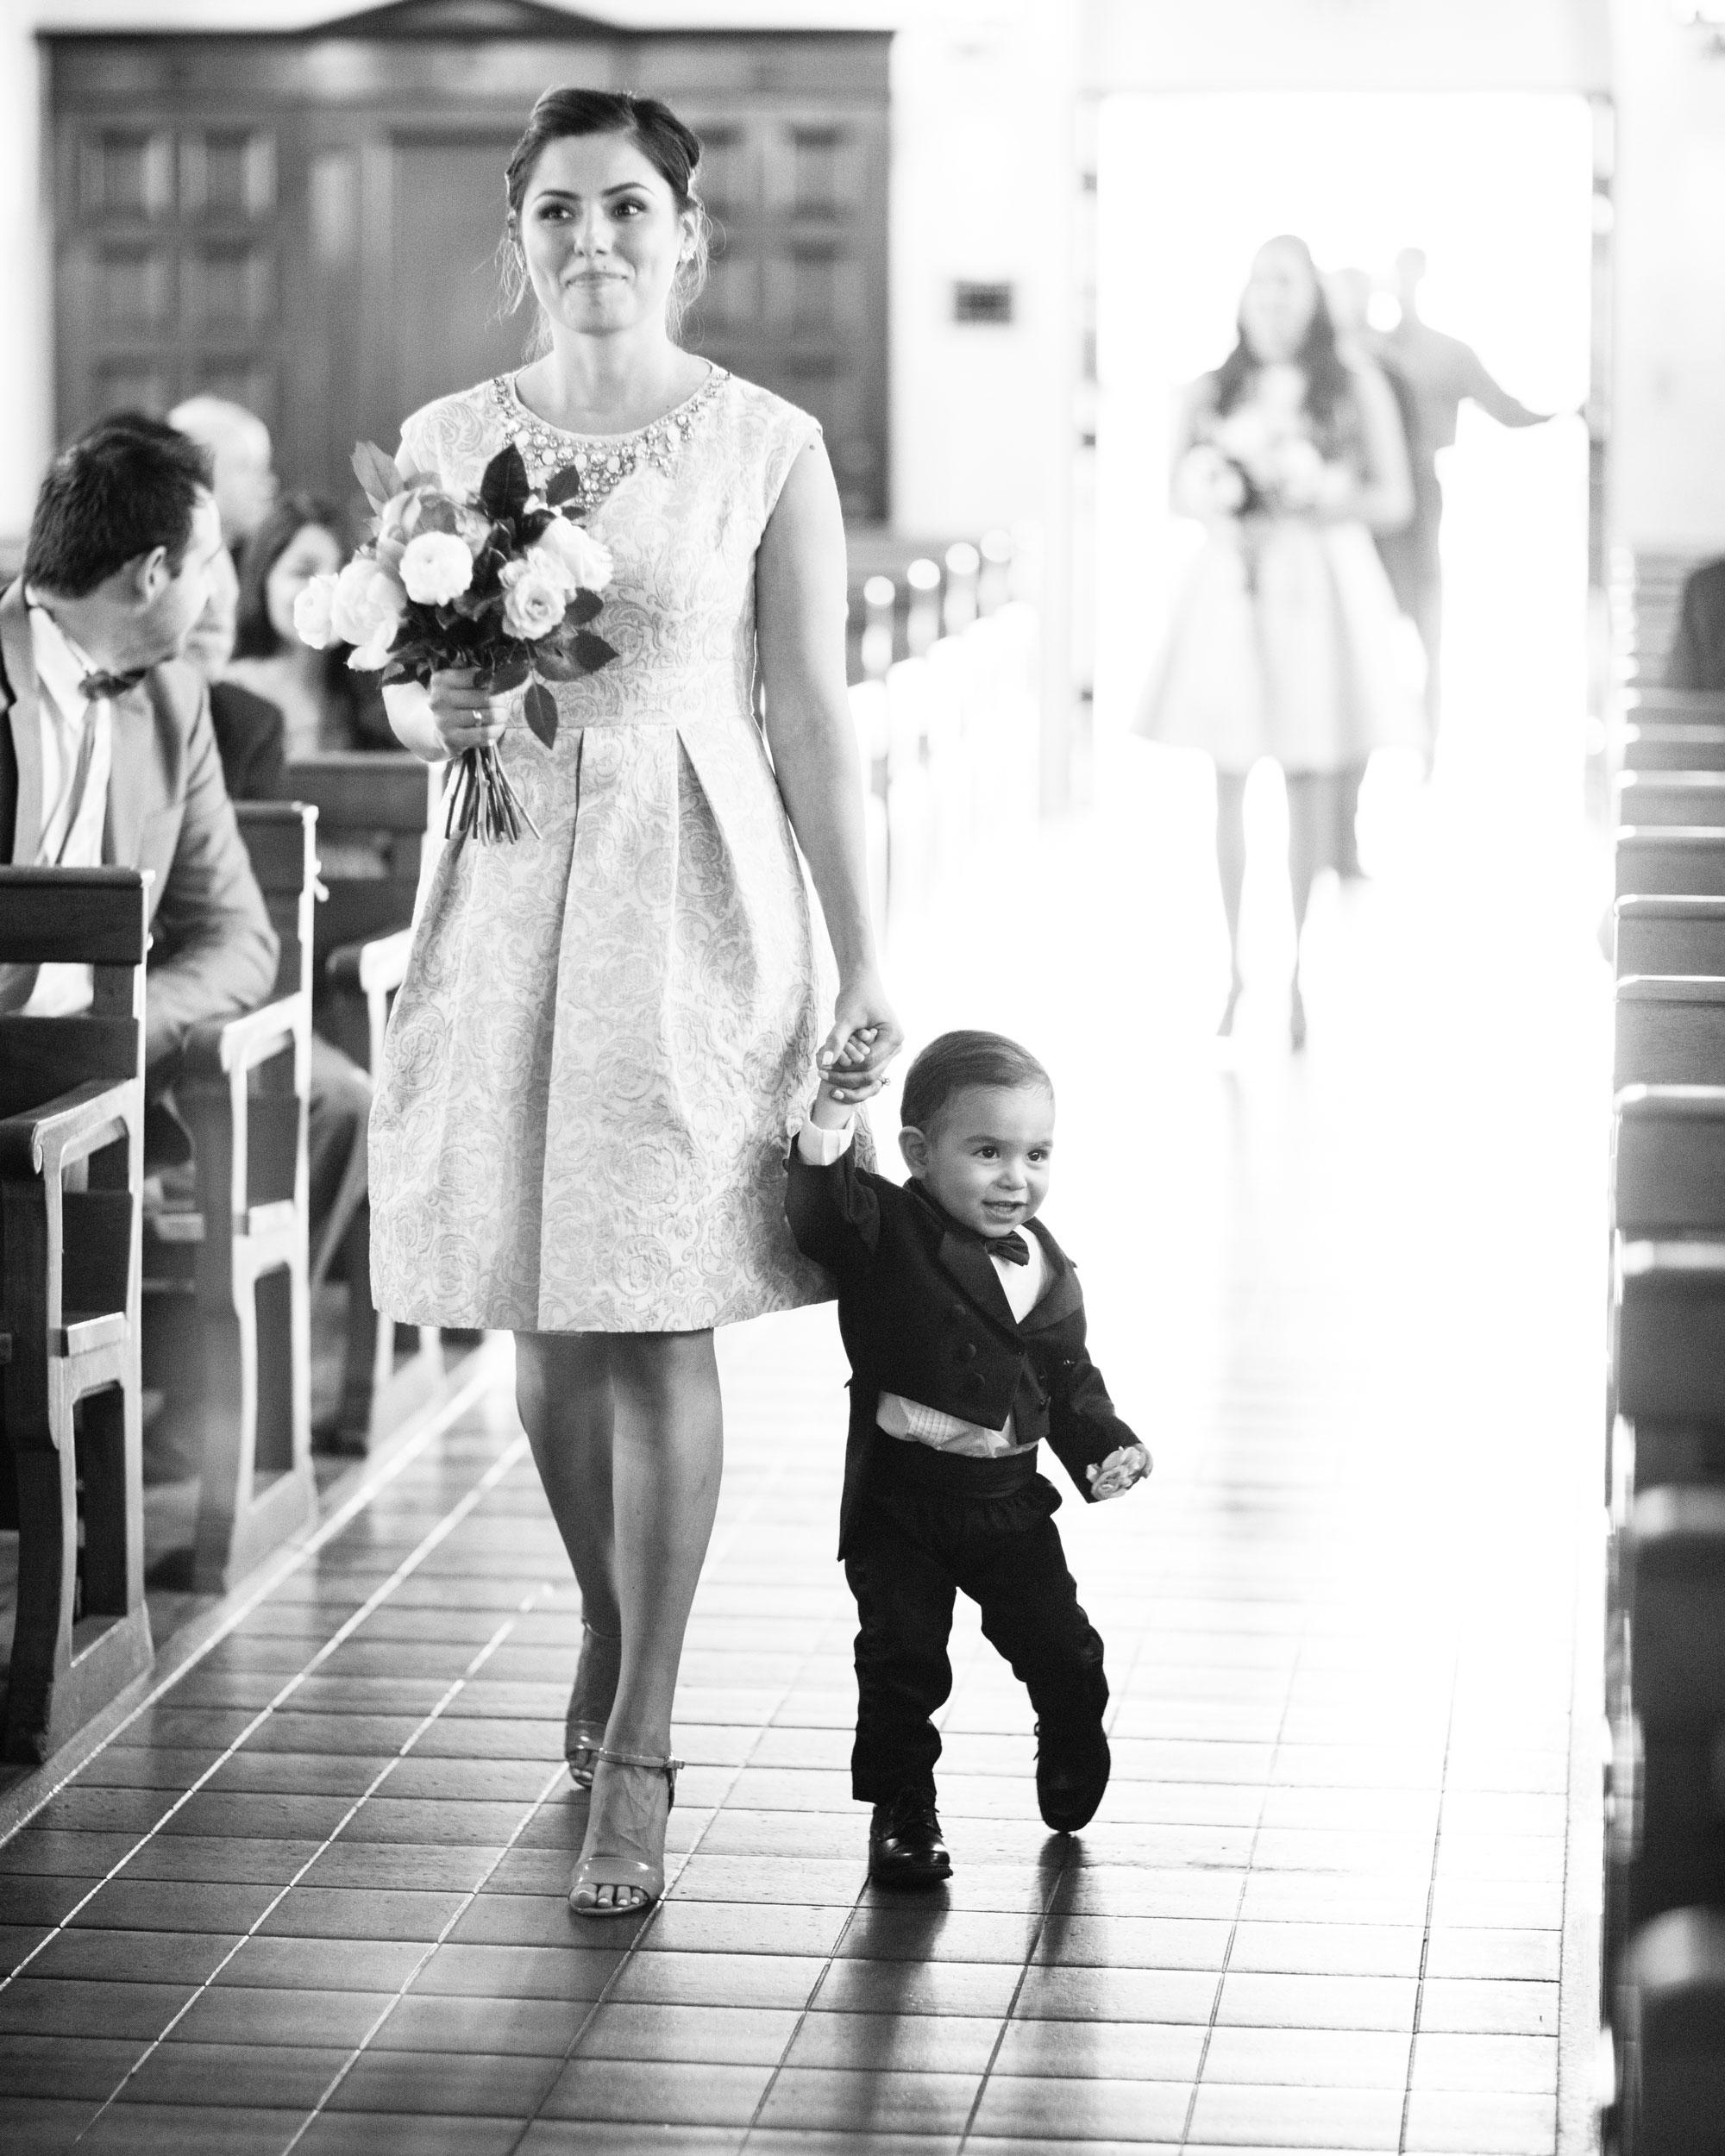 richelle-tom-wedding-ringbearer-180bw-s112855-0416.jpg